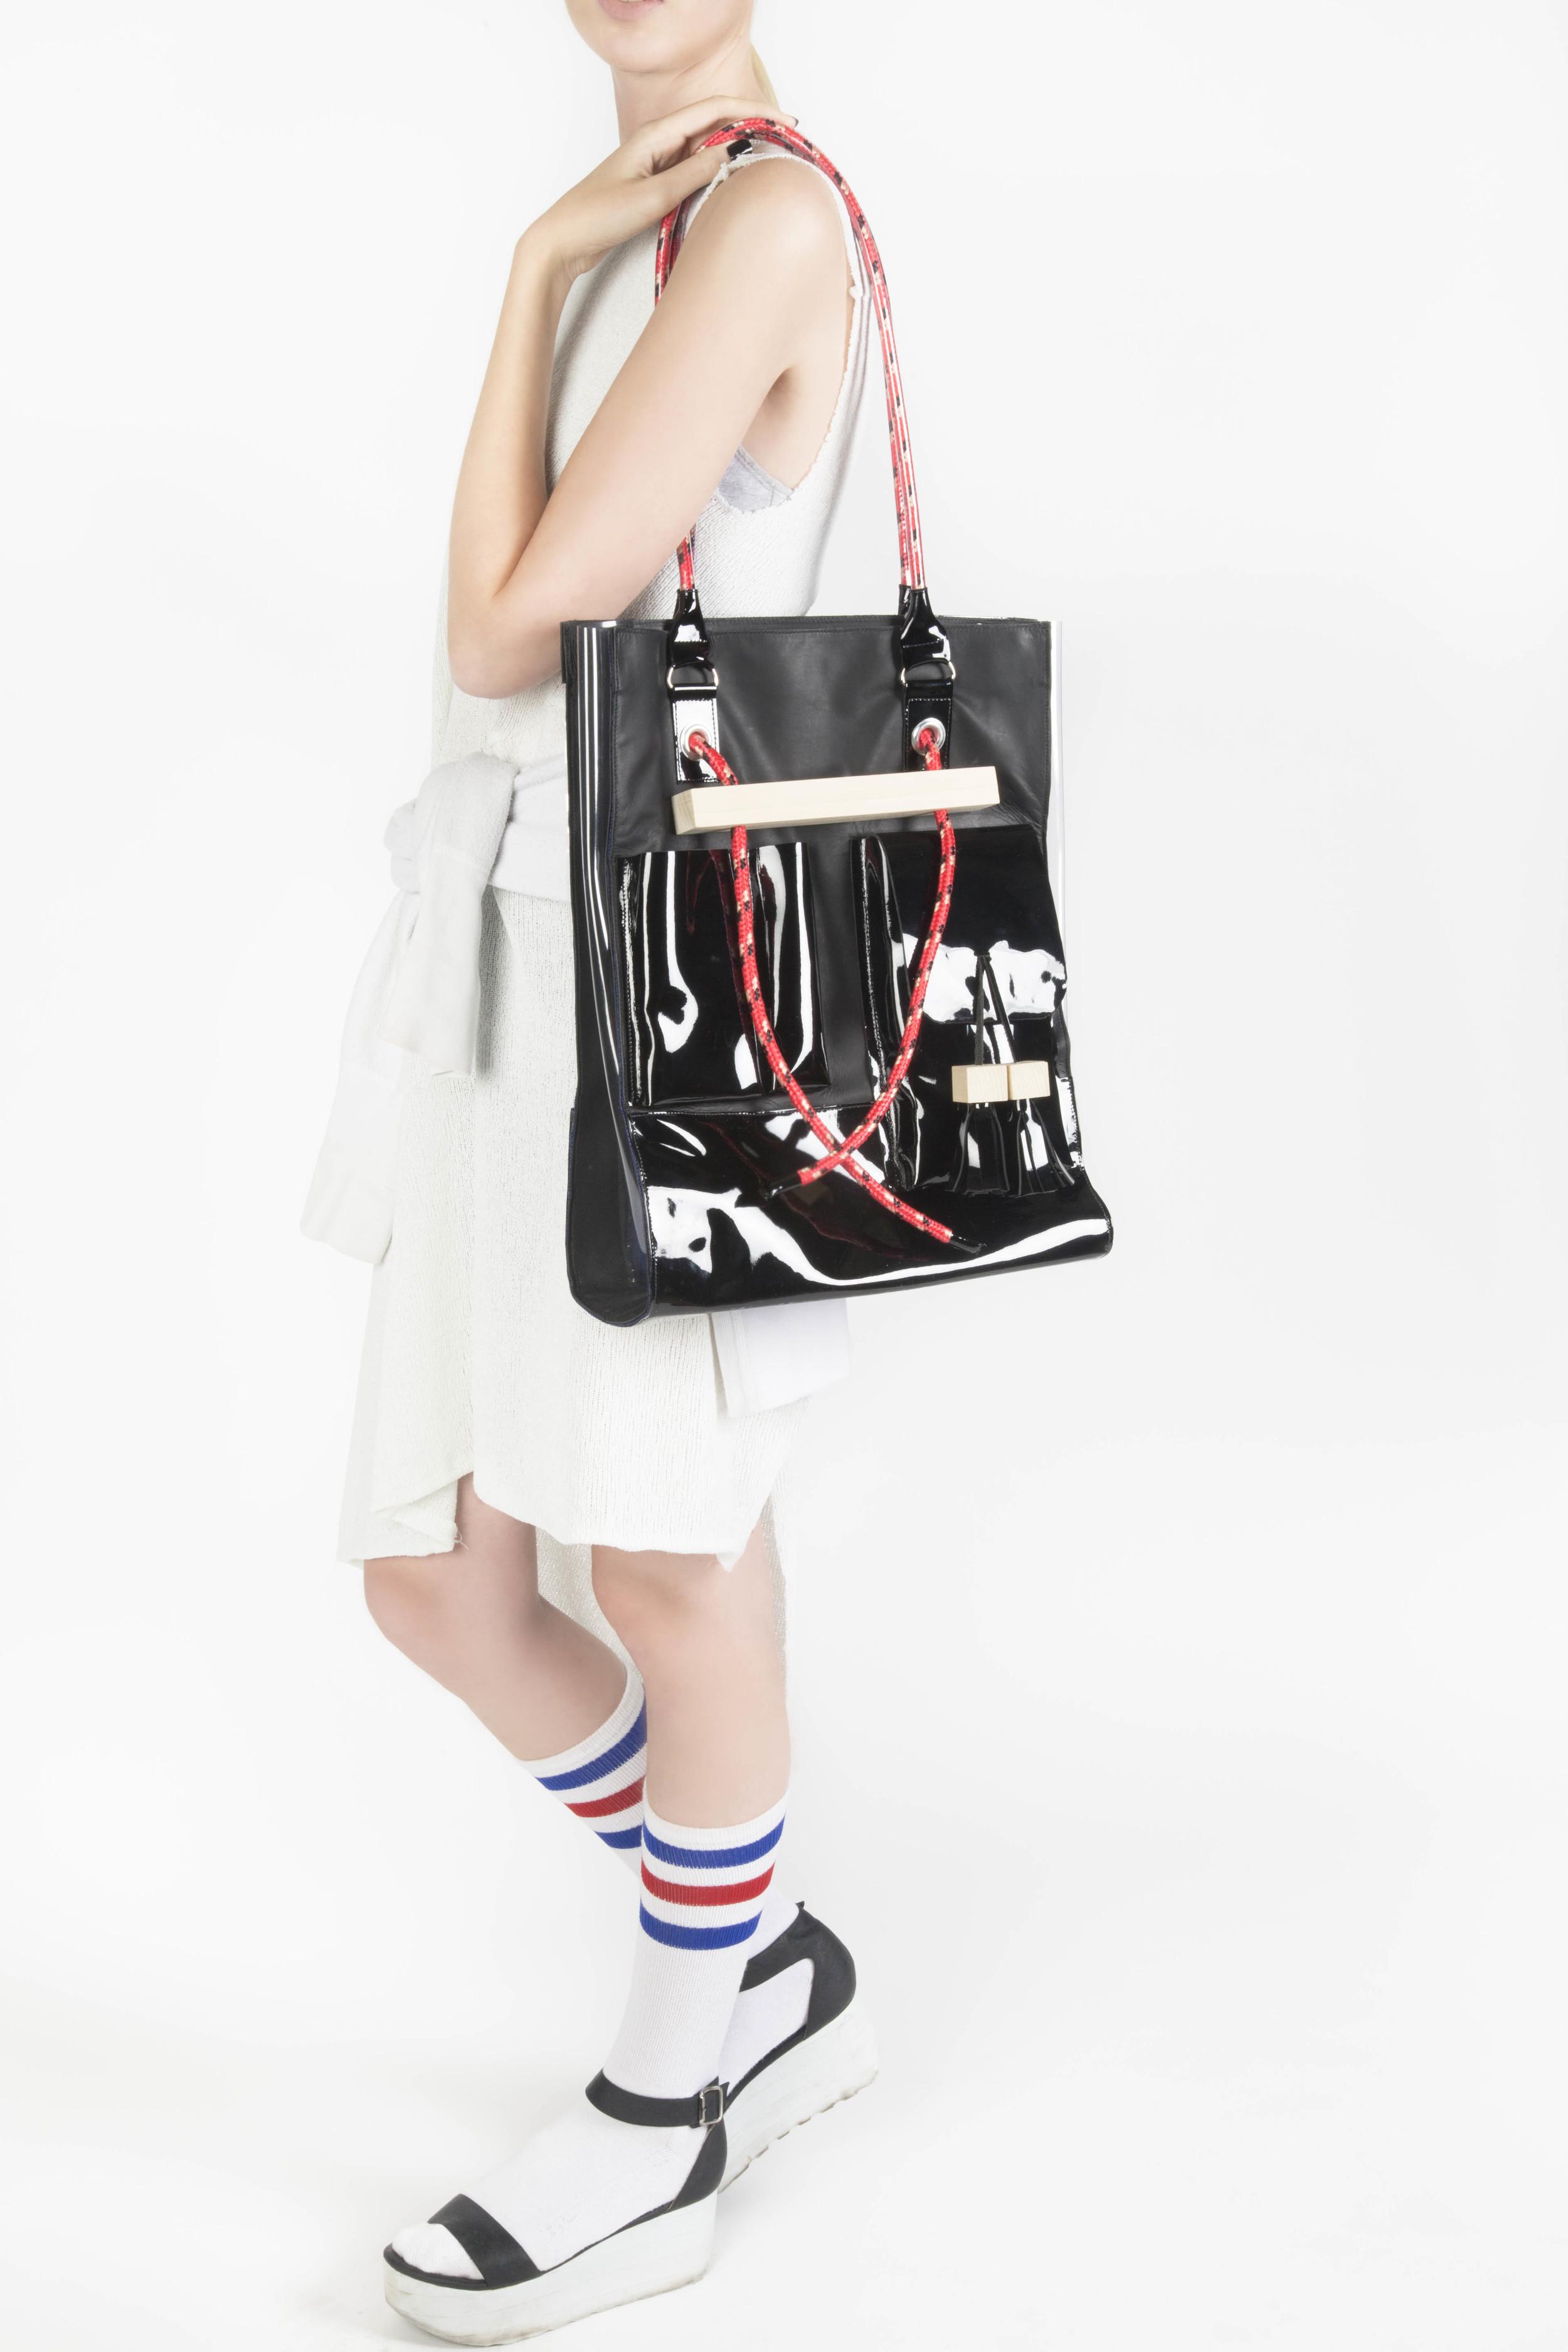 Handbags-14.jpg